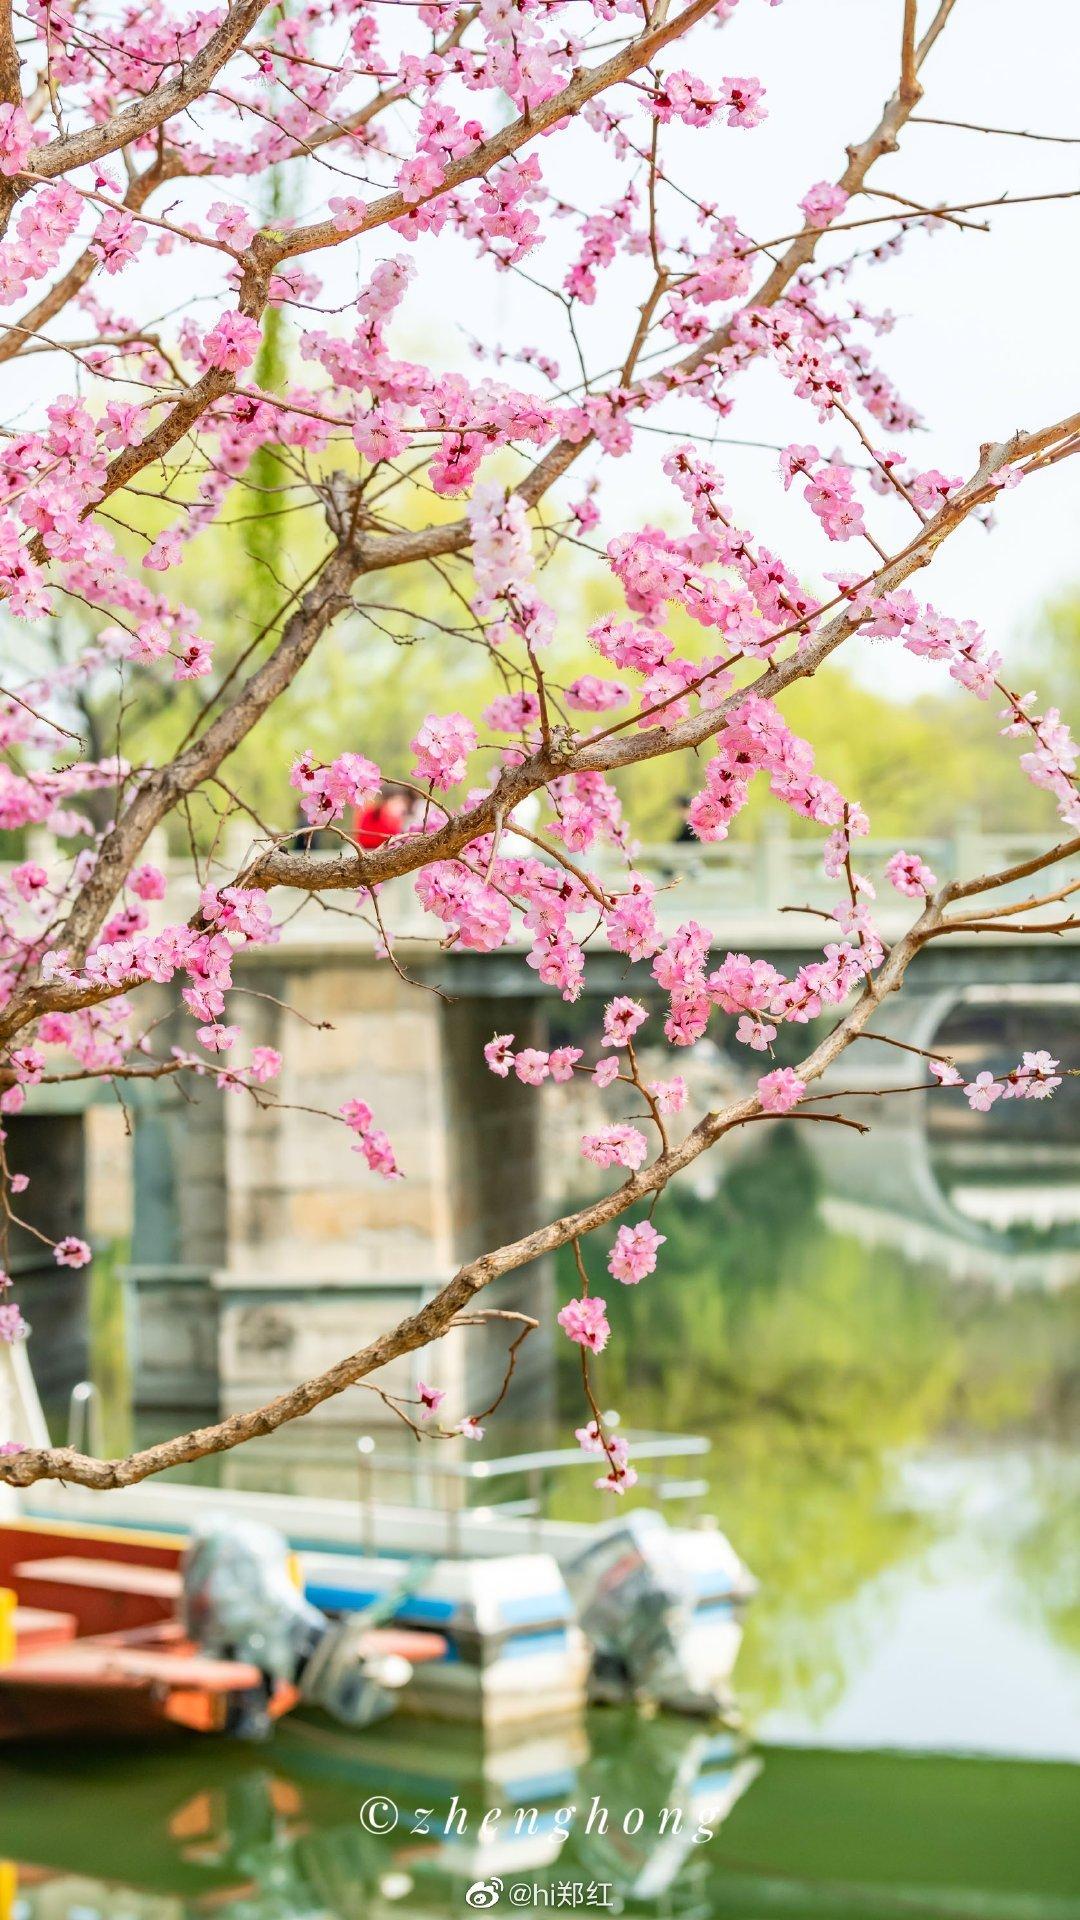 颐和园春光明媚 桃红柳绿漫西堤